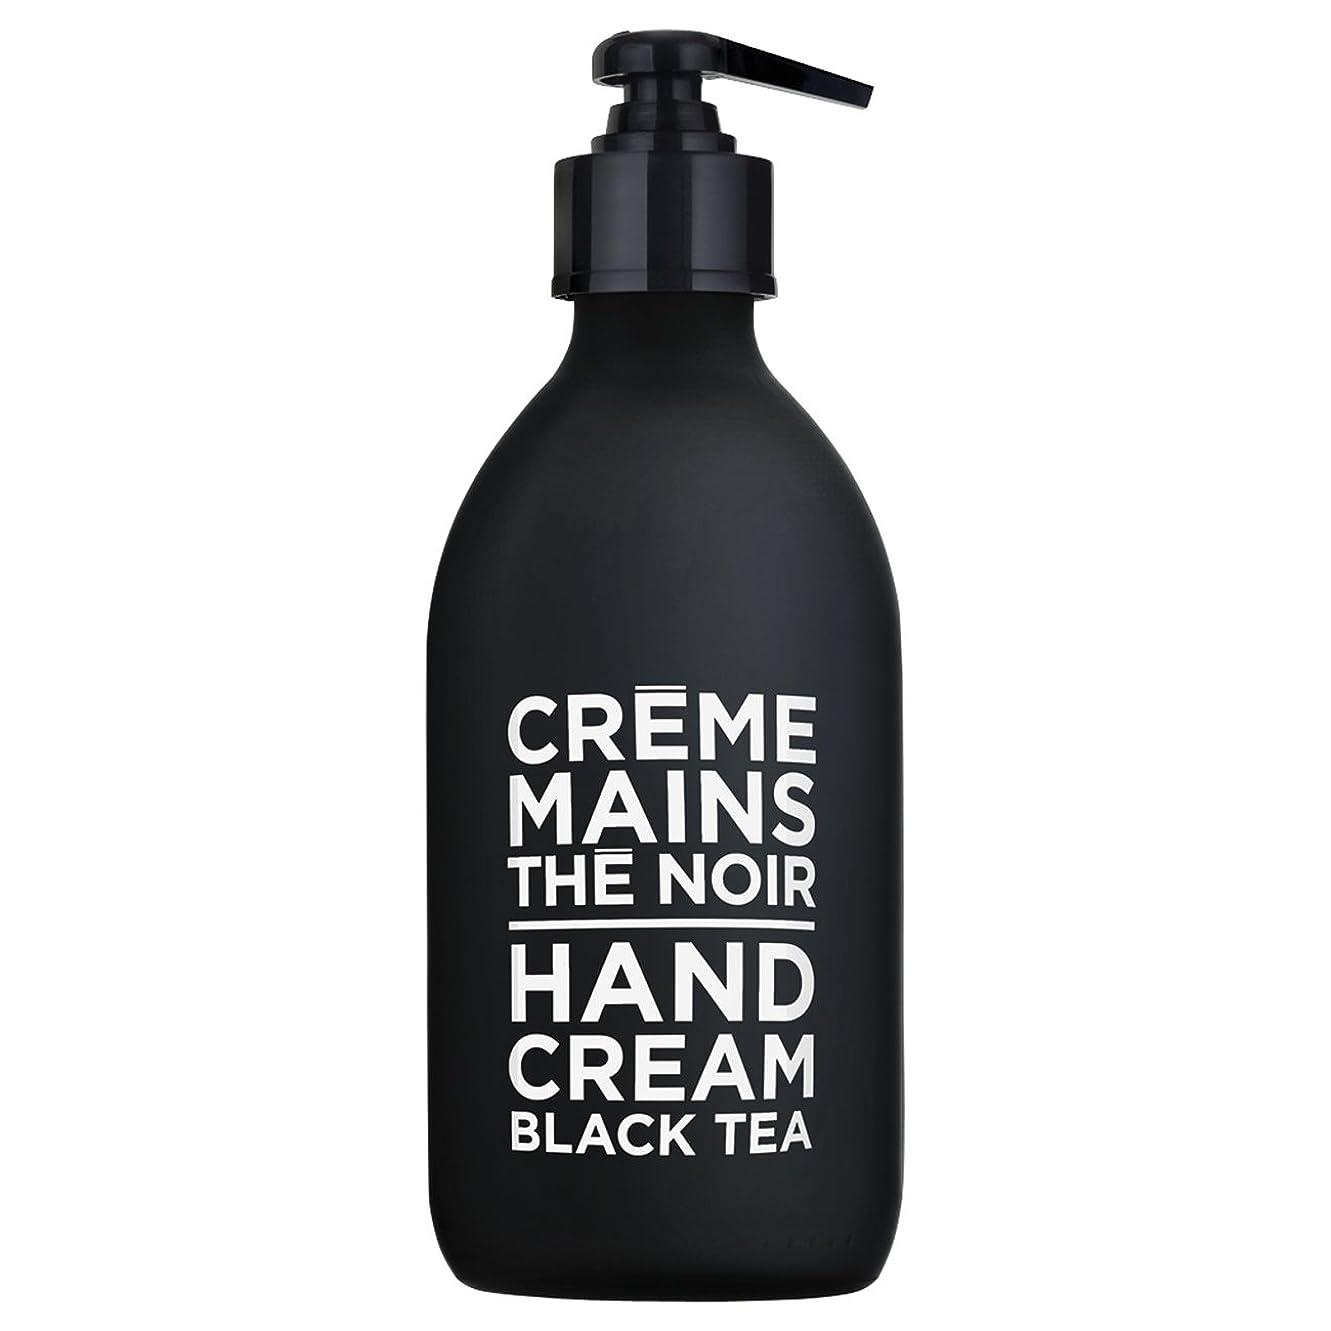 クック相対サイズ狂人カンパニードプロバンス ブラック&ホワイト ハンドクリーム ブラックティー(ブラックティーにフルーティなベリーが調和した穏やかな香り) 300ml